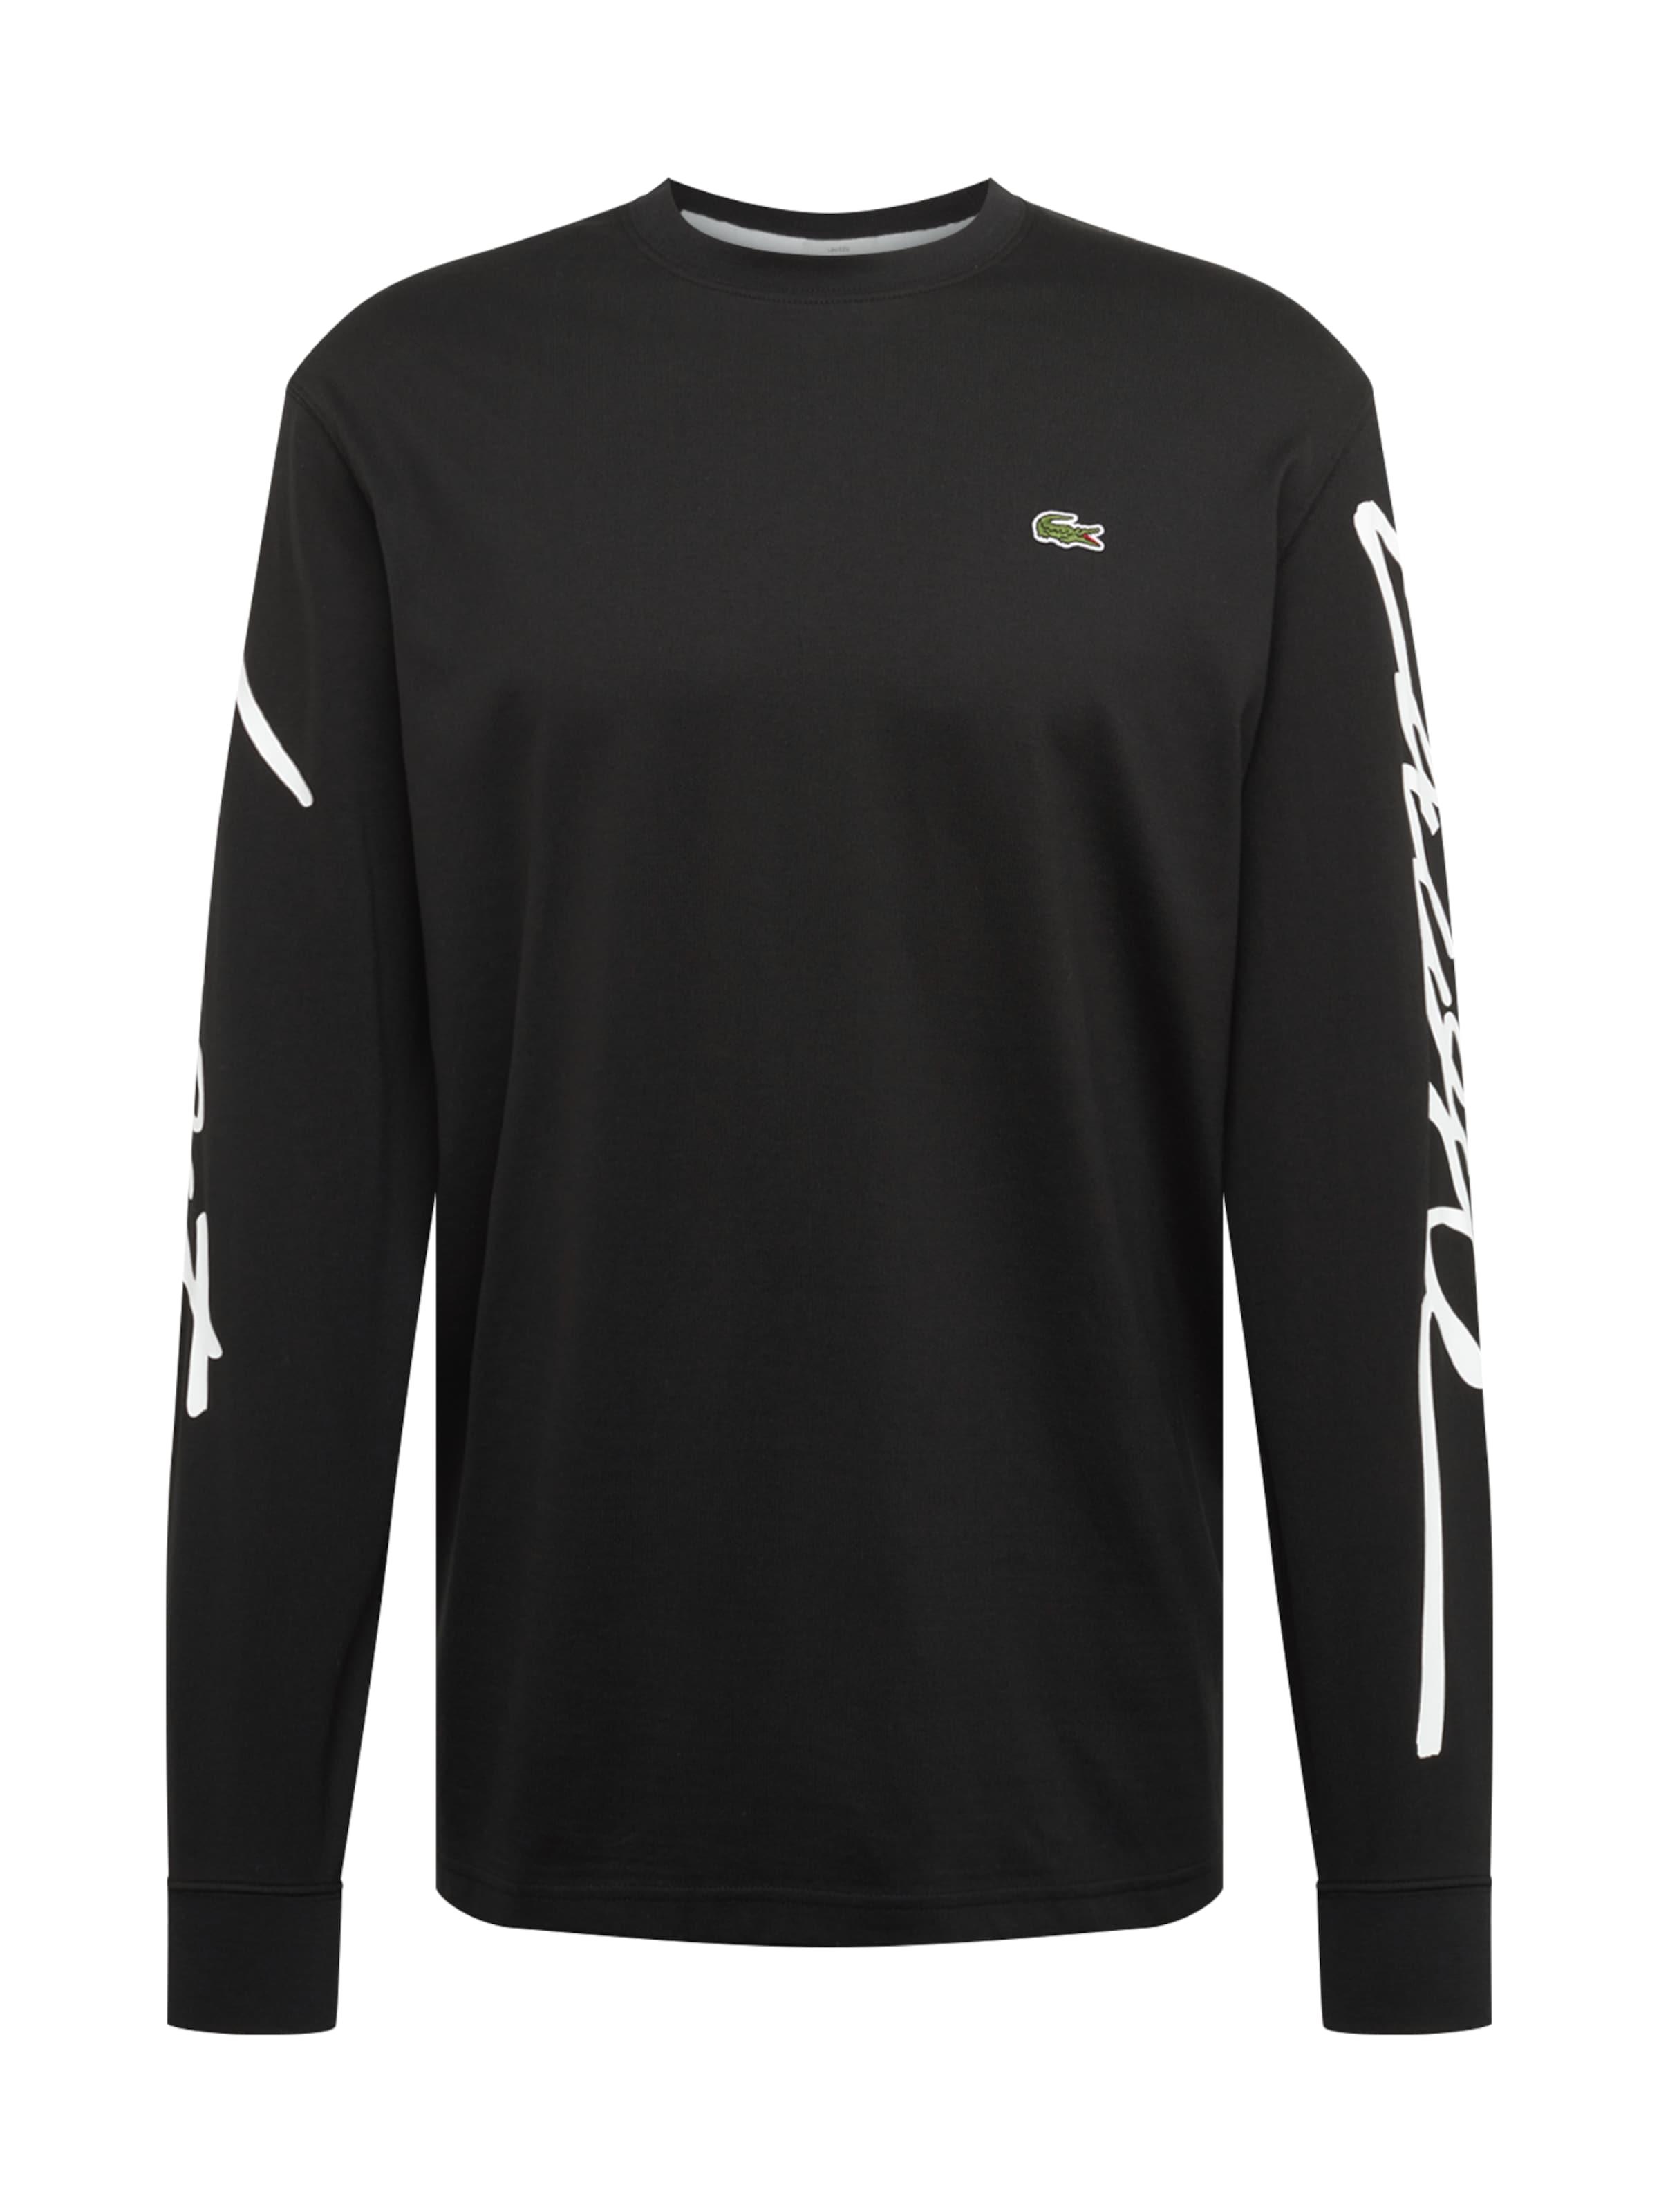 Lacoste shirt NoirBlanc T Live En dCBrxWQoeE